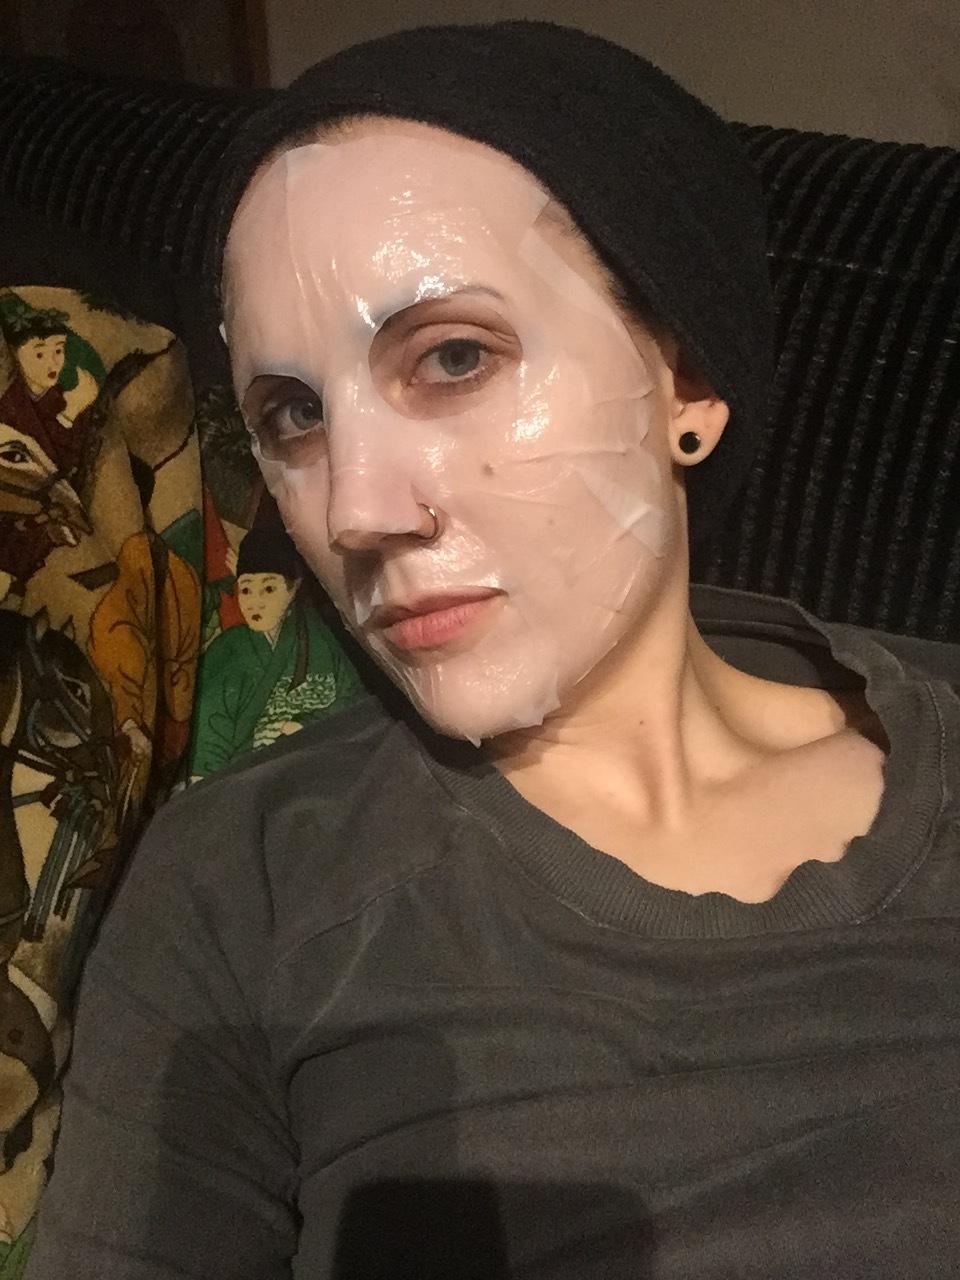 Förlåt, jag vet att bilder med arkmasker på är mardrömslika, men kolla vad bra den sitter!